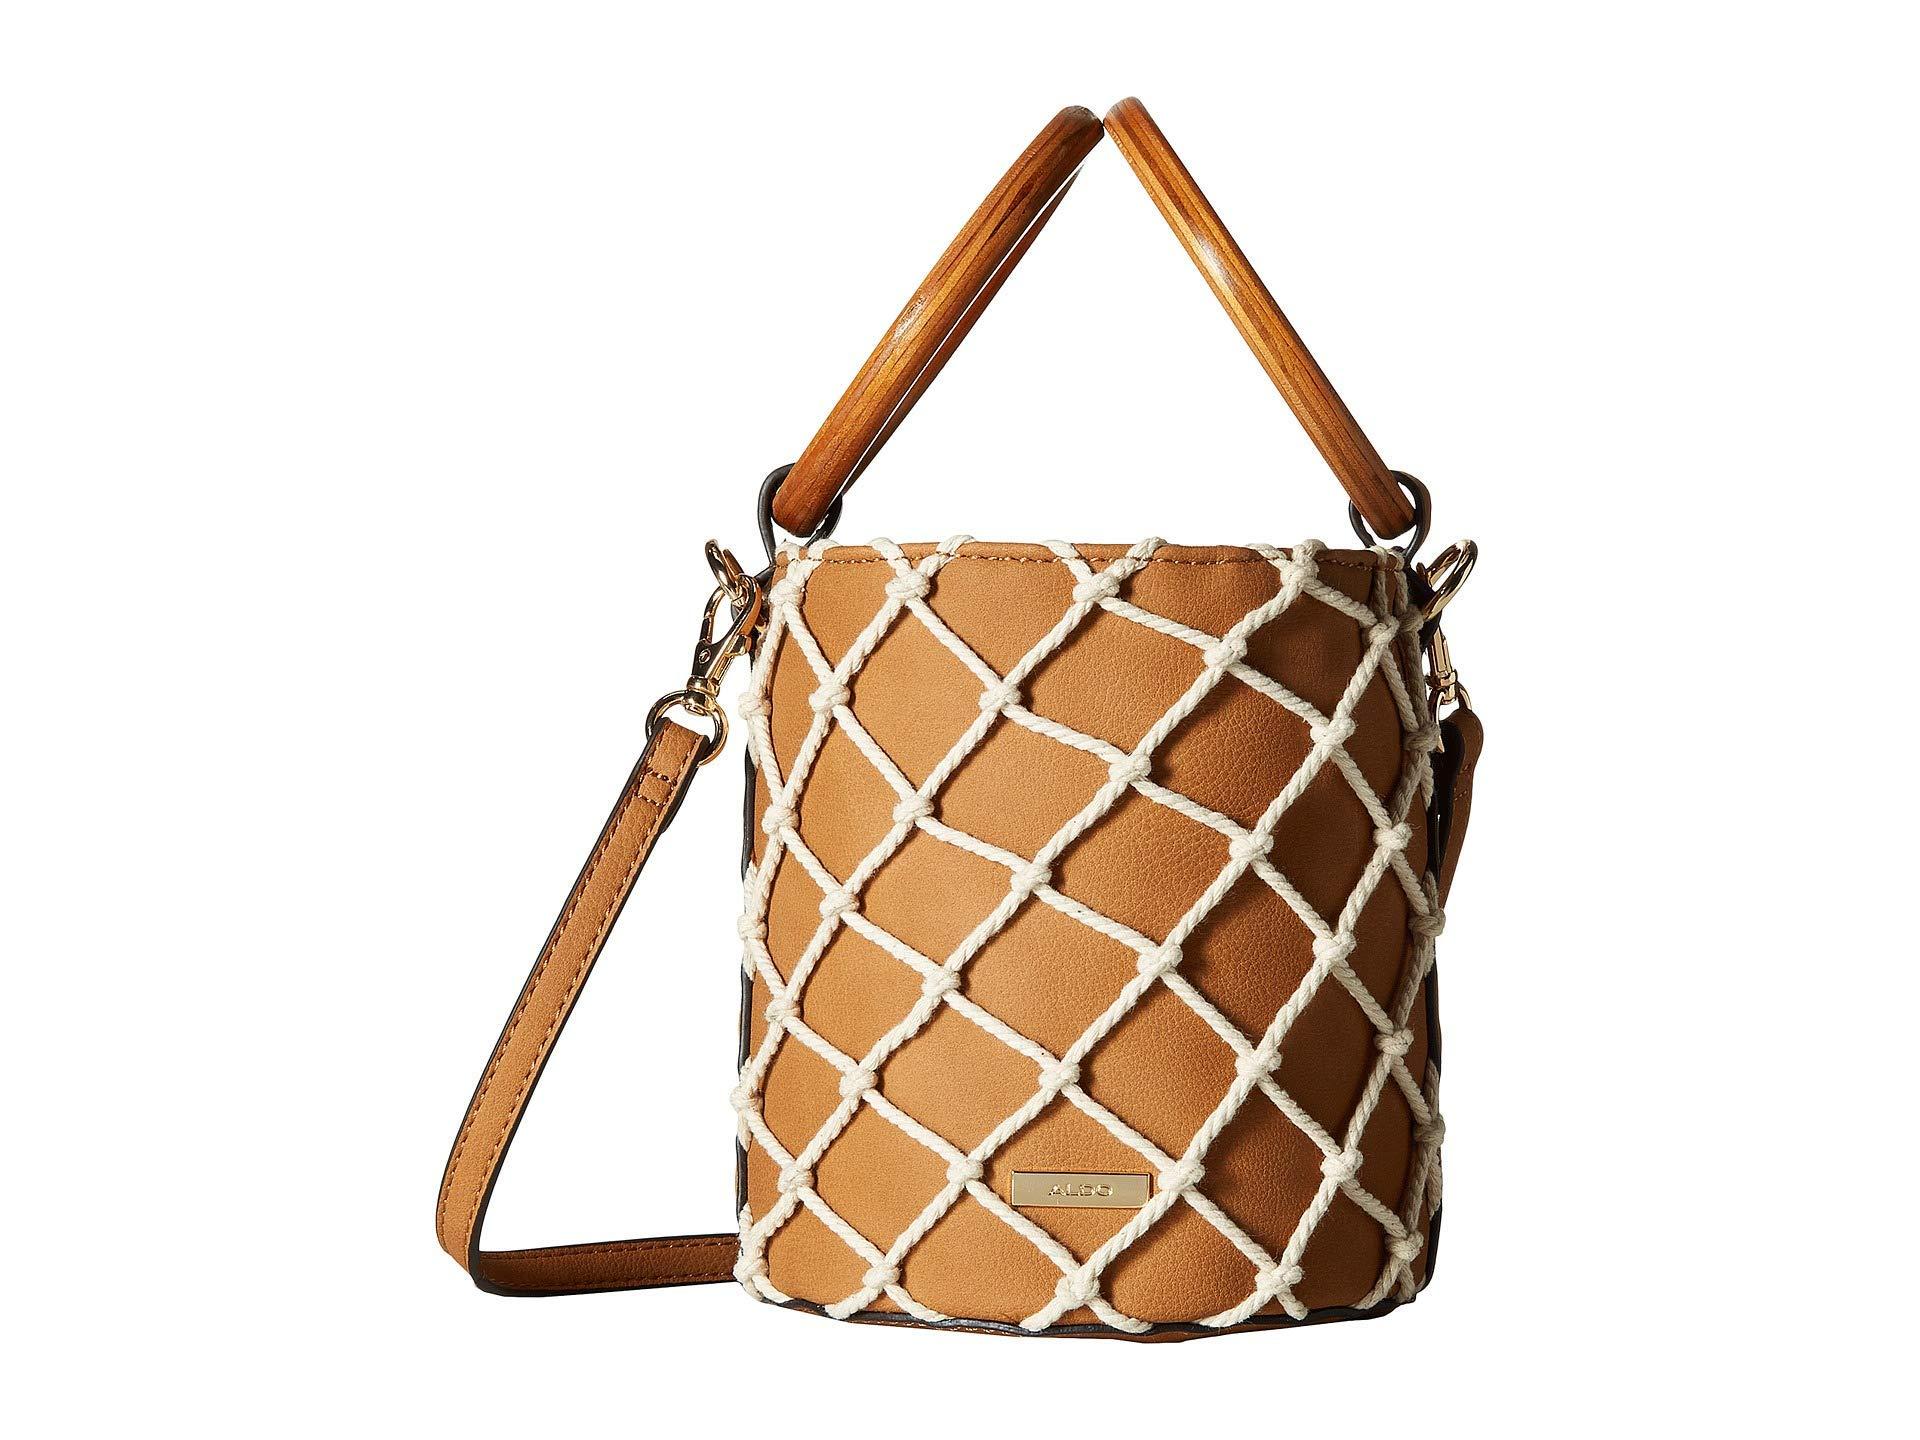 ویکالا · خرید  اصل اورجینال · خرید از آمازون · ALDO Women's Kardori Cognac One Size wekala · ویکالا